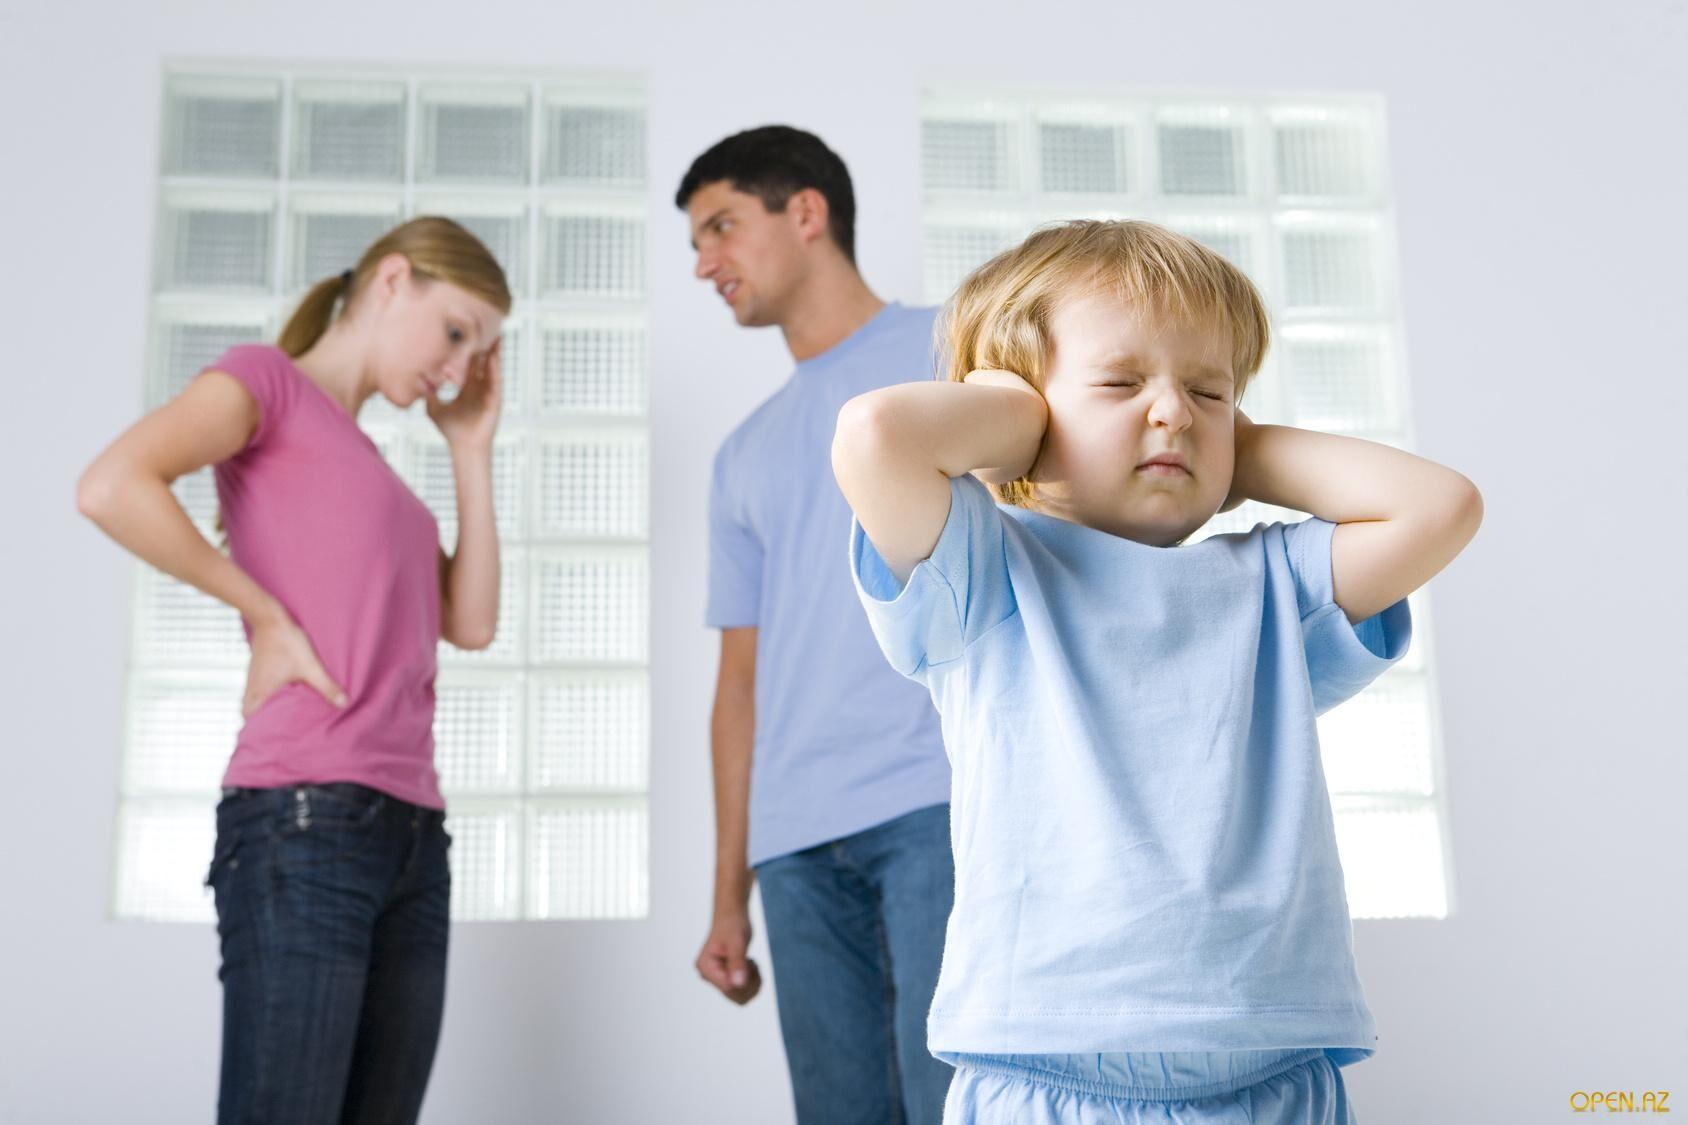 Приворот разрушает ни одну семью